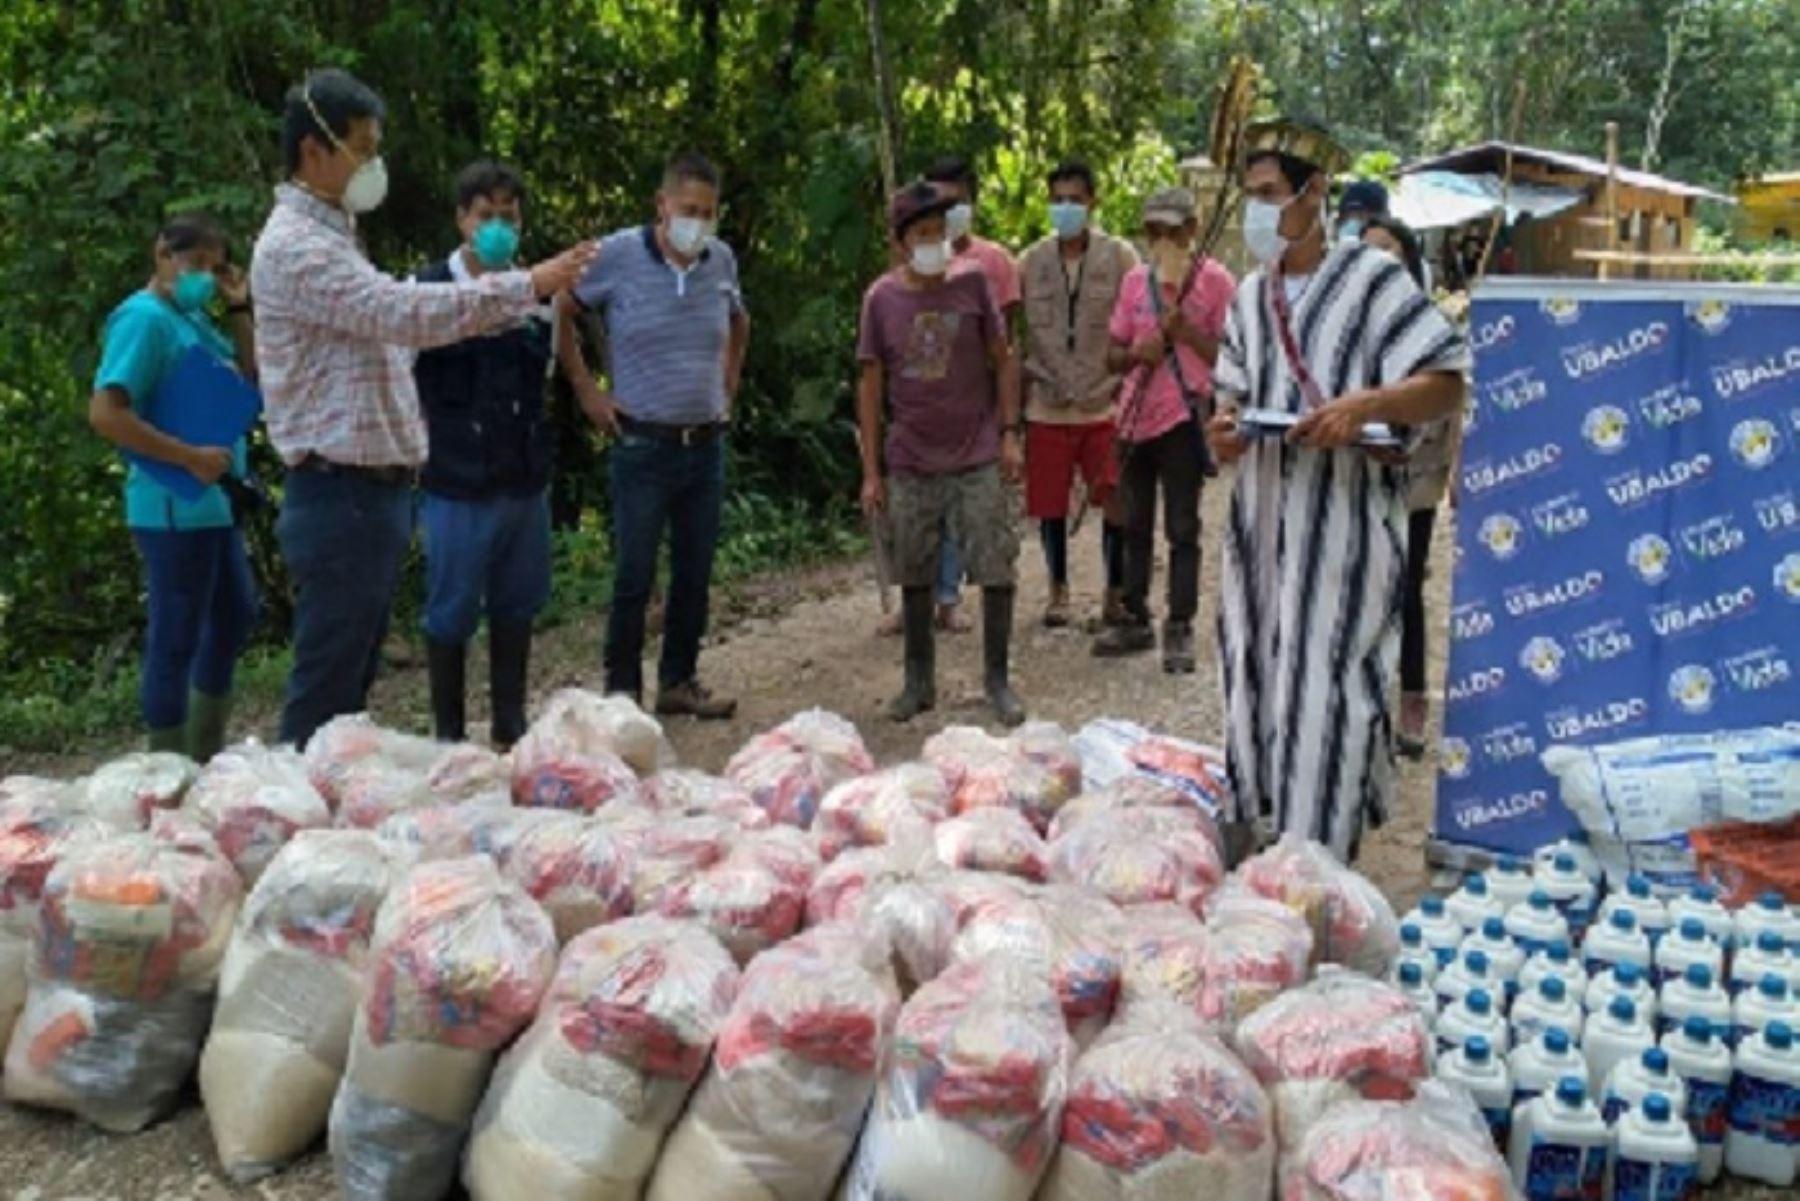 Funcionarios del Gobierno Regional de Pasco entregaron alimentos y frazadas a la comunidad nativa Yanesha que controla las 24 horas del día la vía que une Constitución, Puerto Bermúdez, Iscozacín y Palcazú,